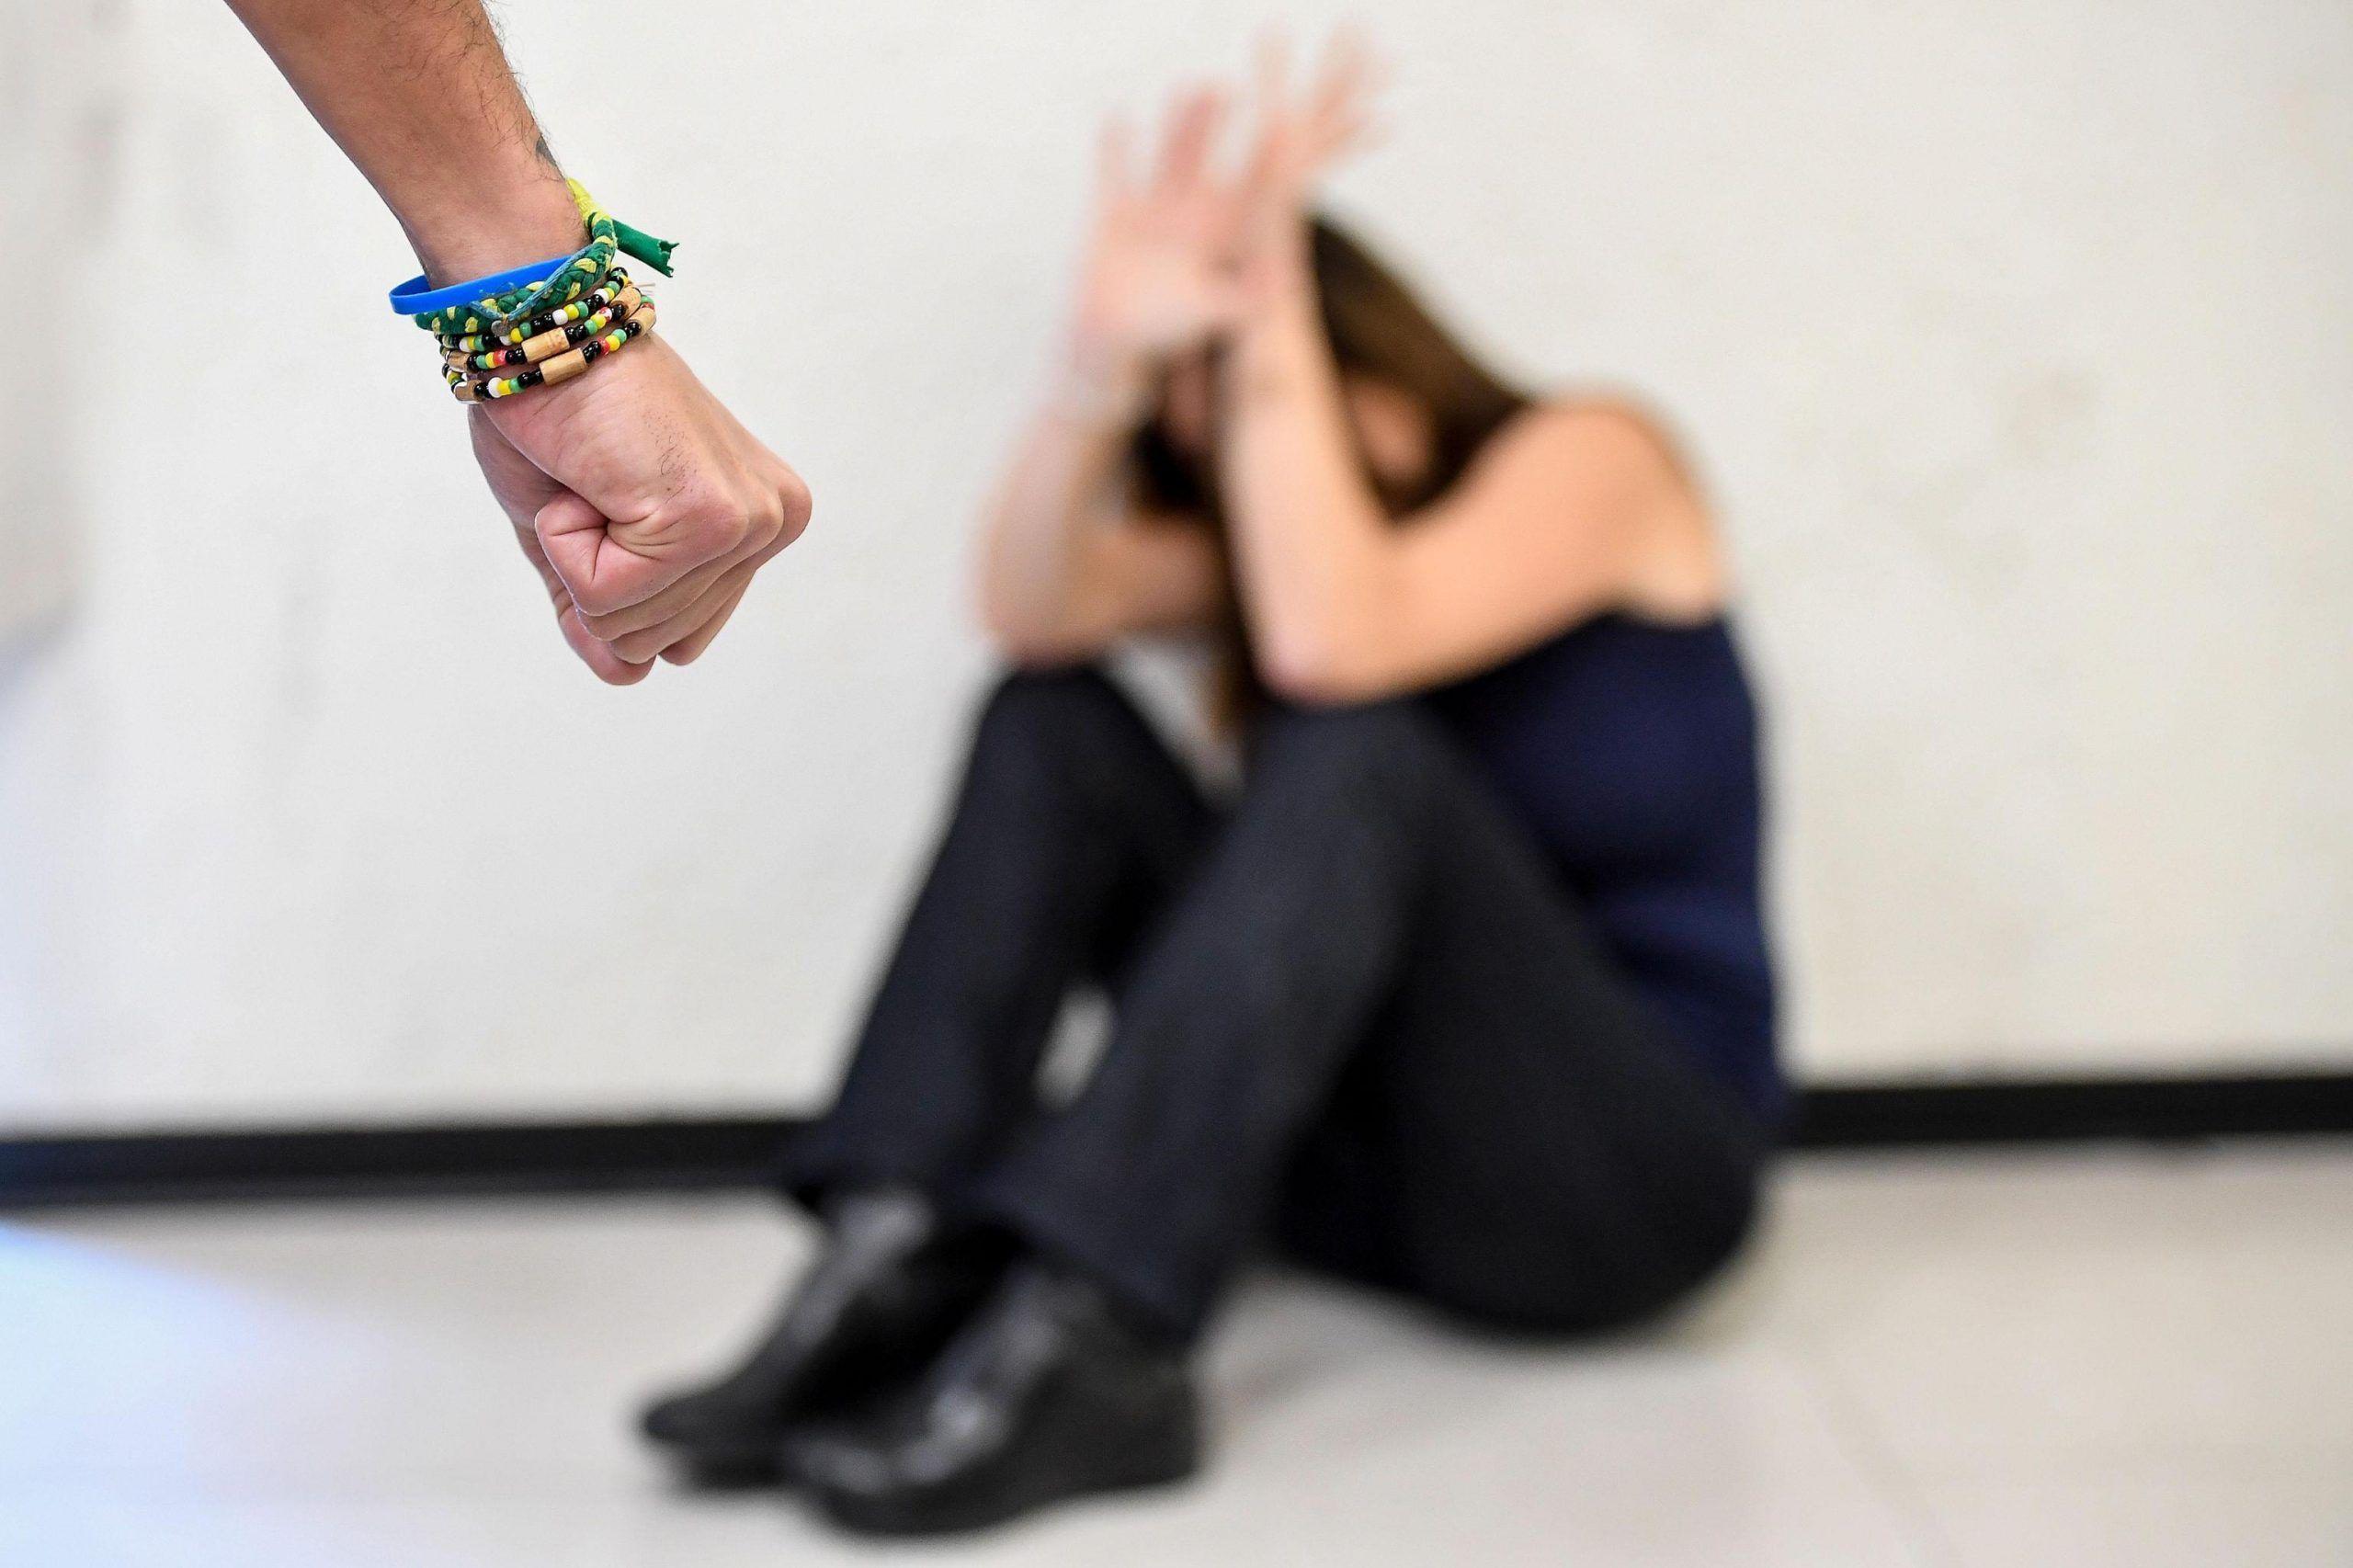 La Spagna modifica la legge sullo stupro: senza esplicito consenso è violenza sessuale